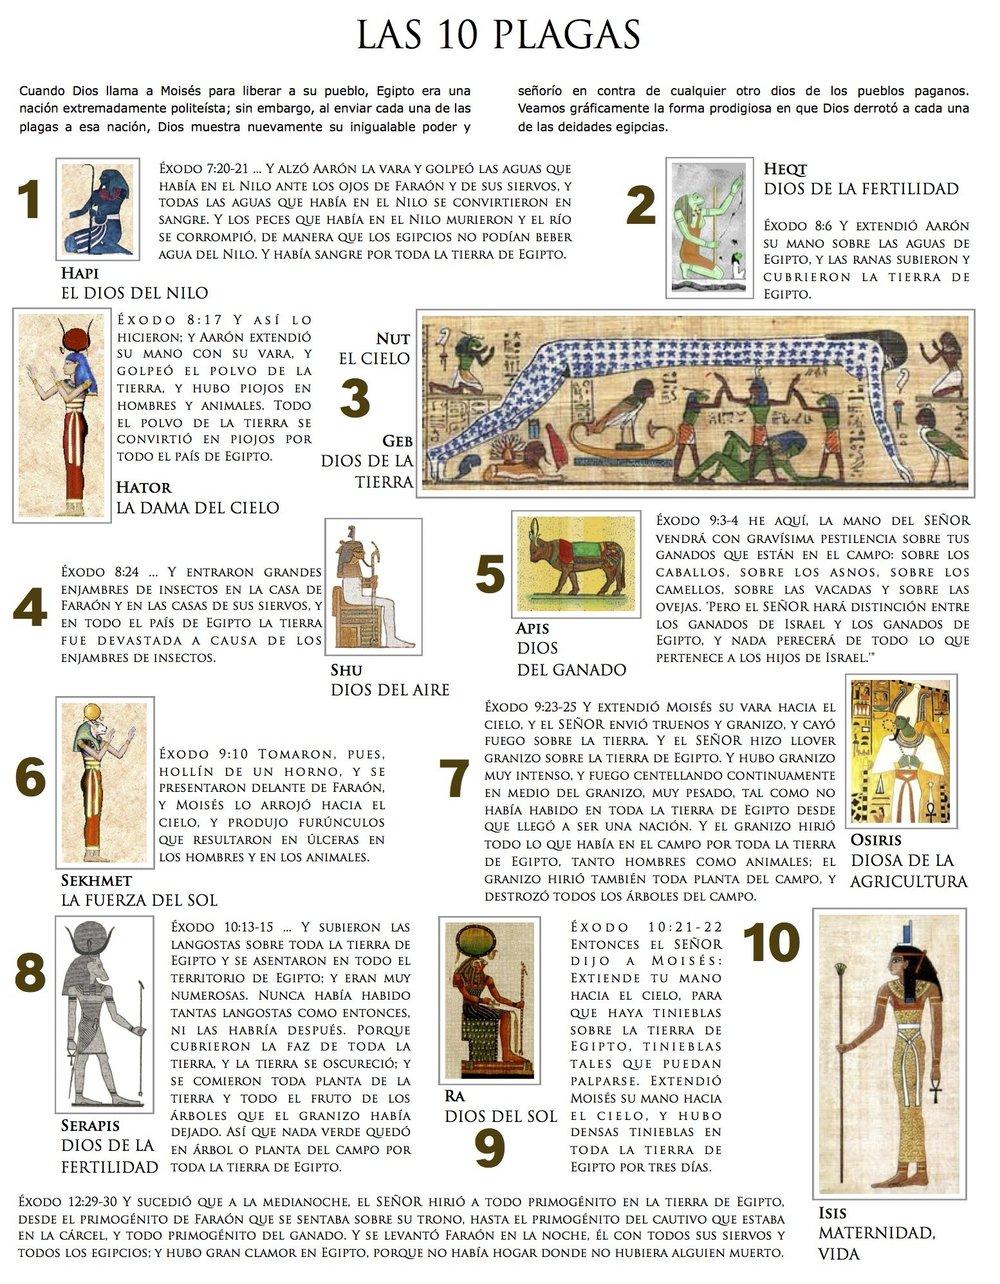 Diagrama de Las Diez Plagas. Página 12. Haz click en la imagen para verla en pantalla completa. Todos los derechos reservados. Copyright © Ministerios Ebenezer New York